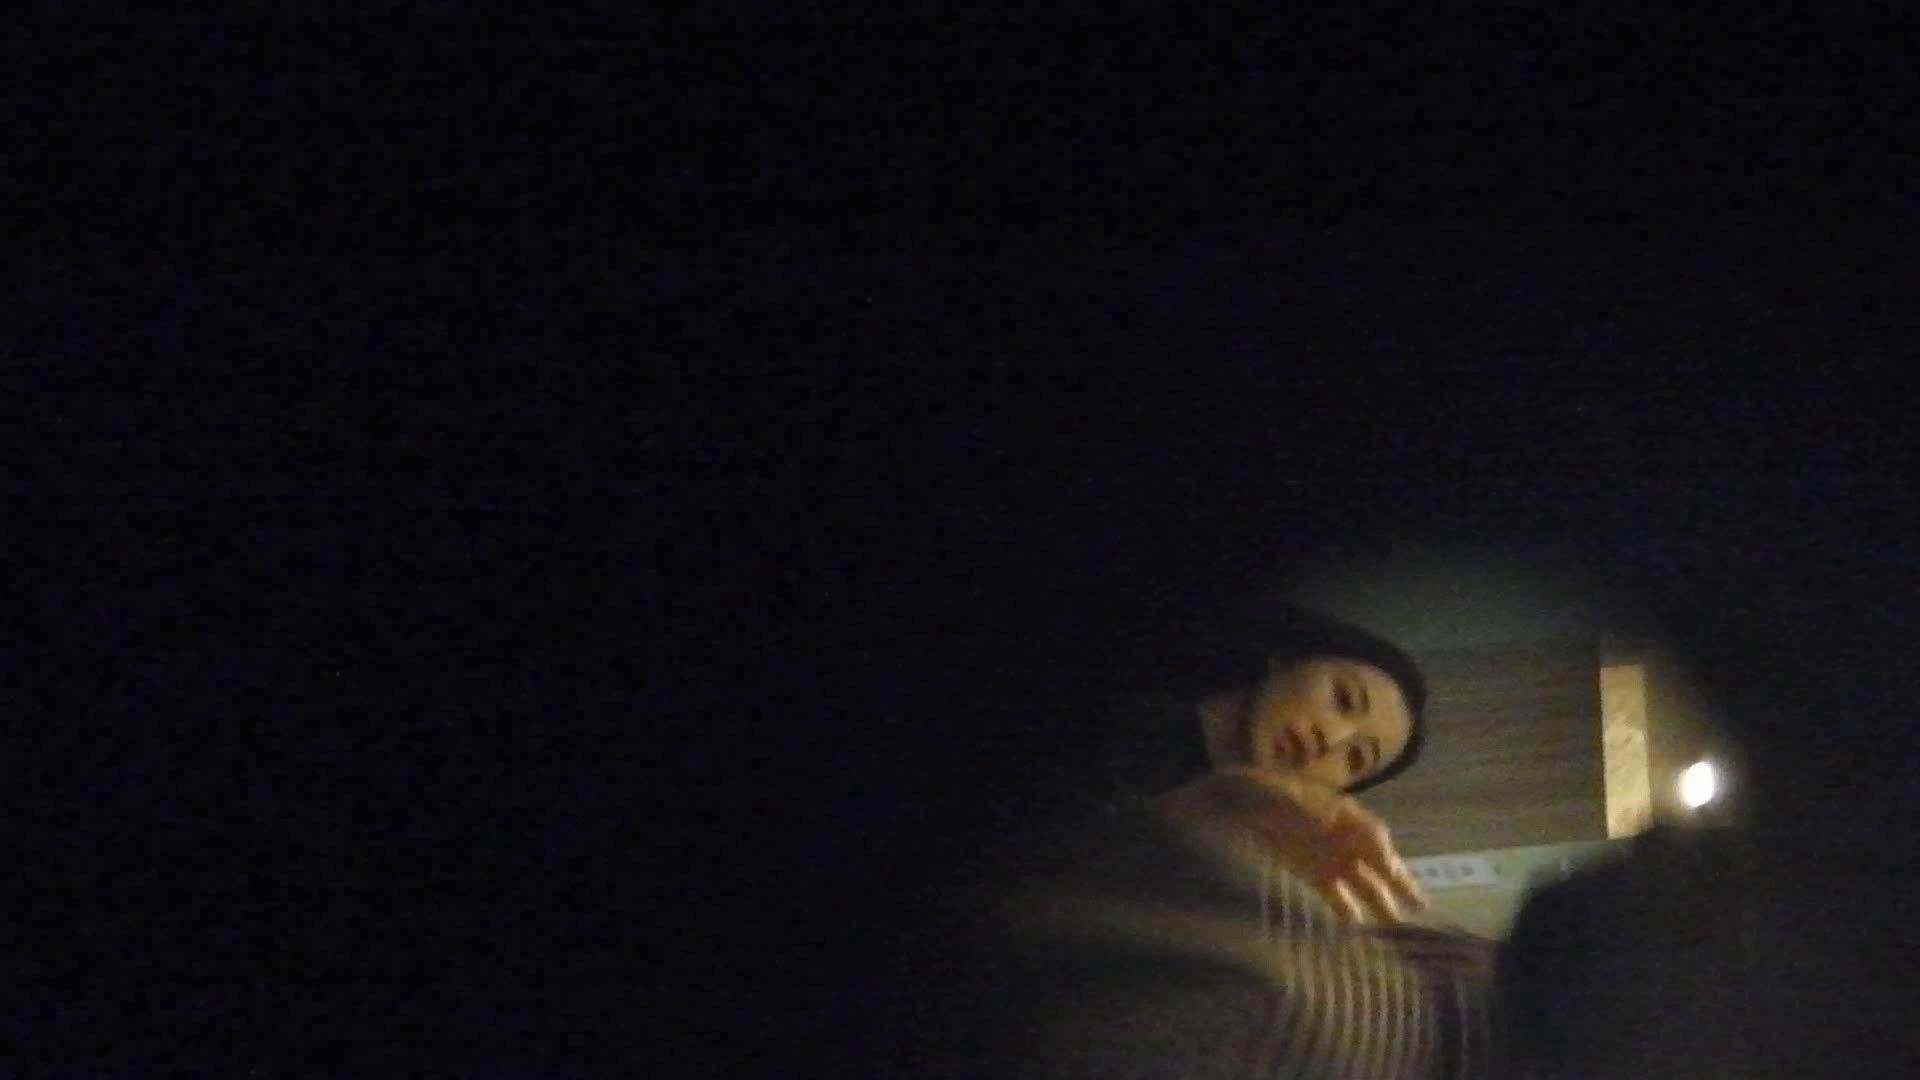 阿国ちゃんの「和式洋式七変化」No.15 和式で・・・ オメコ無修正動画無料 50画像 29